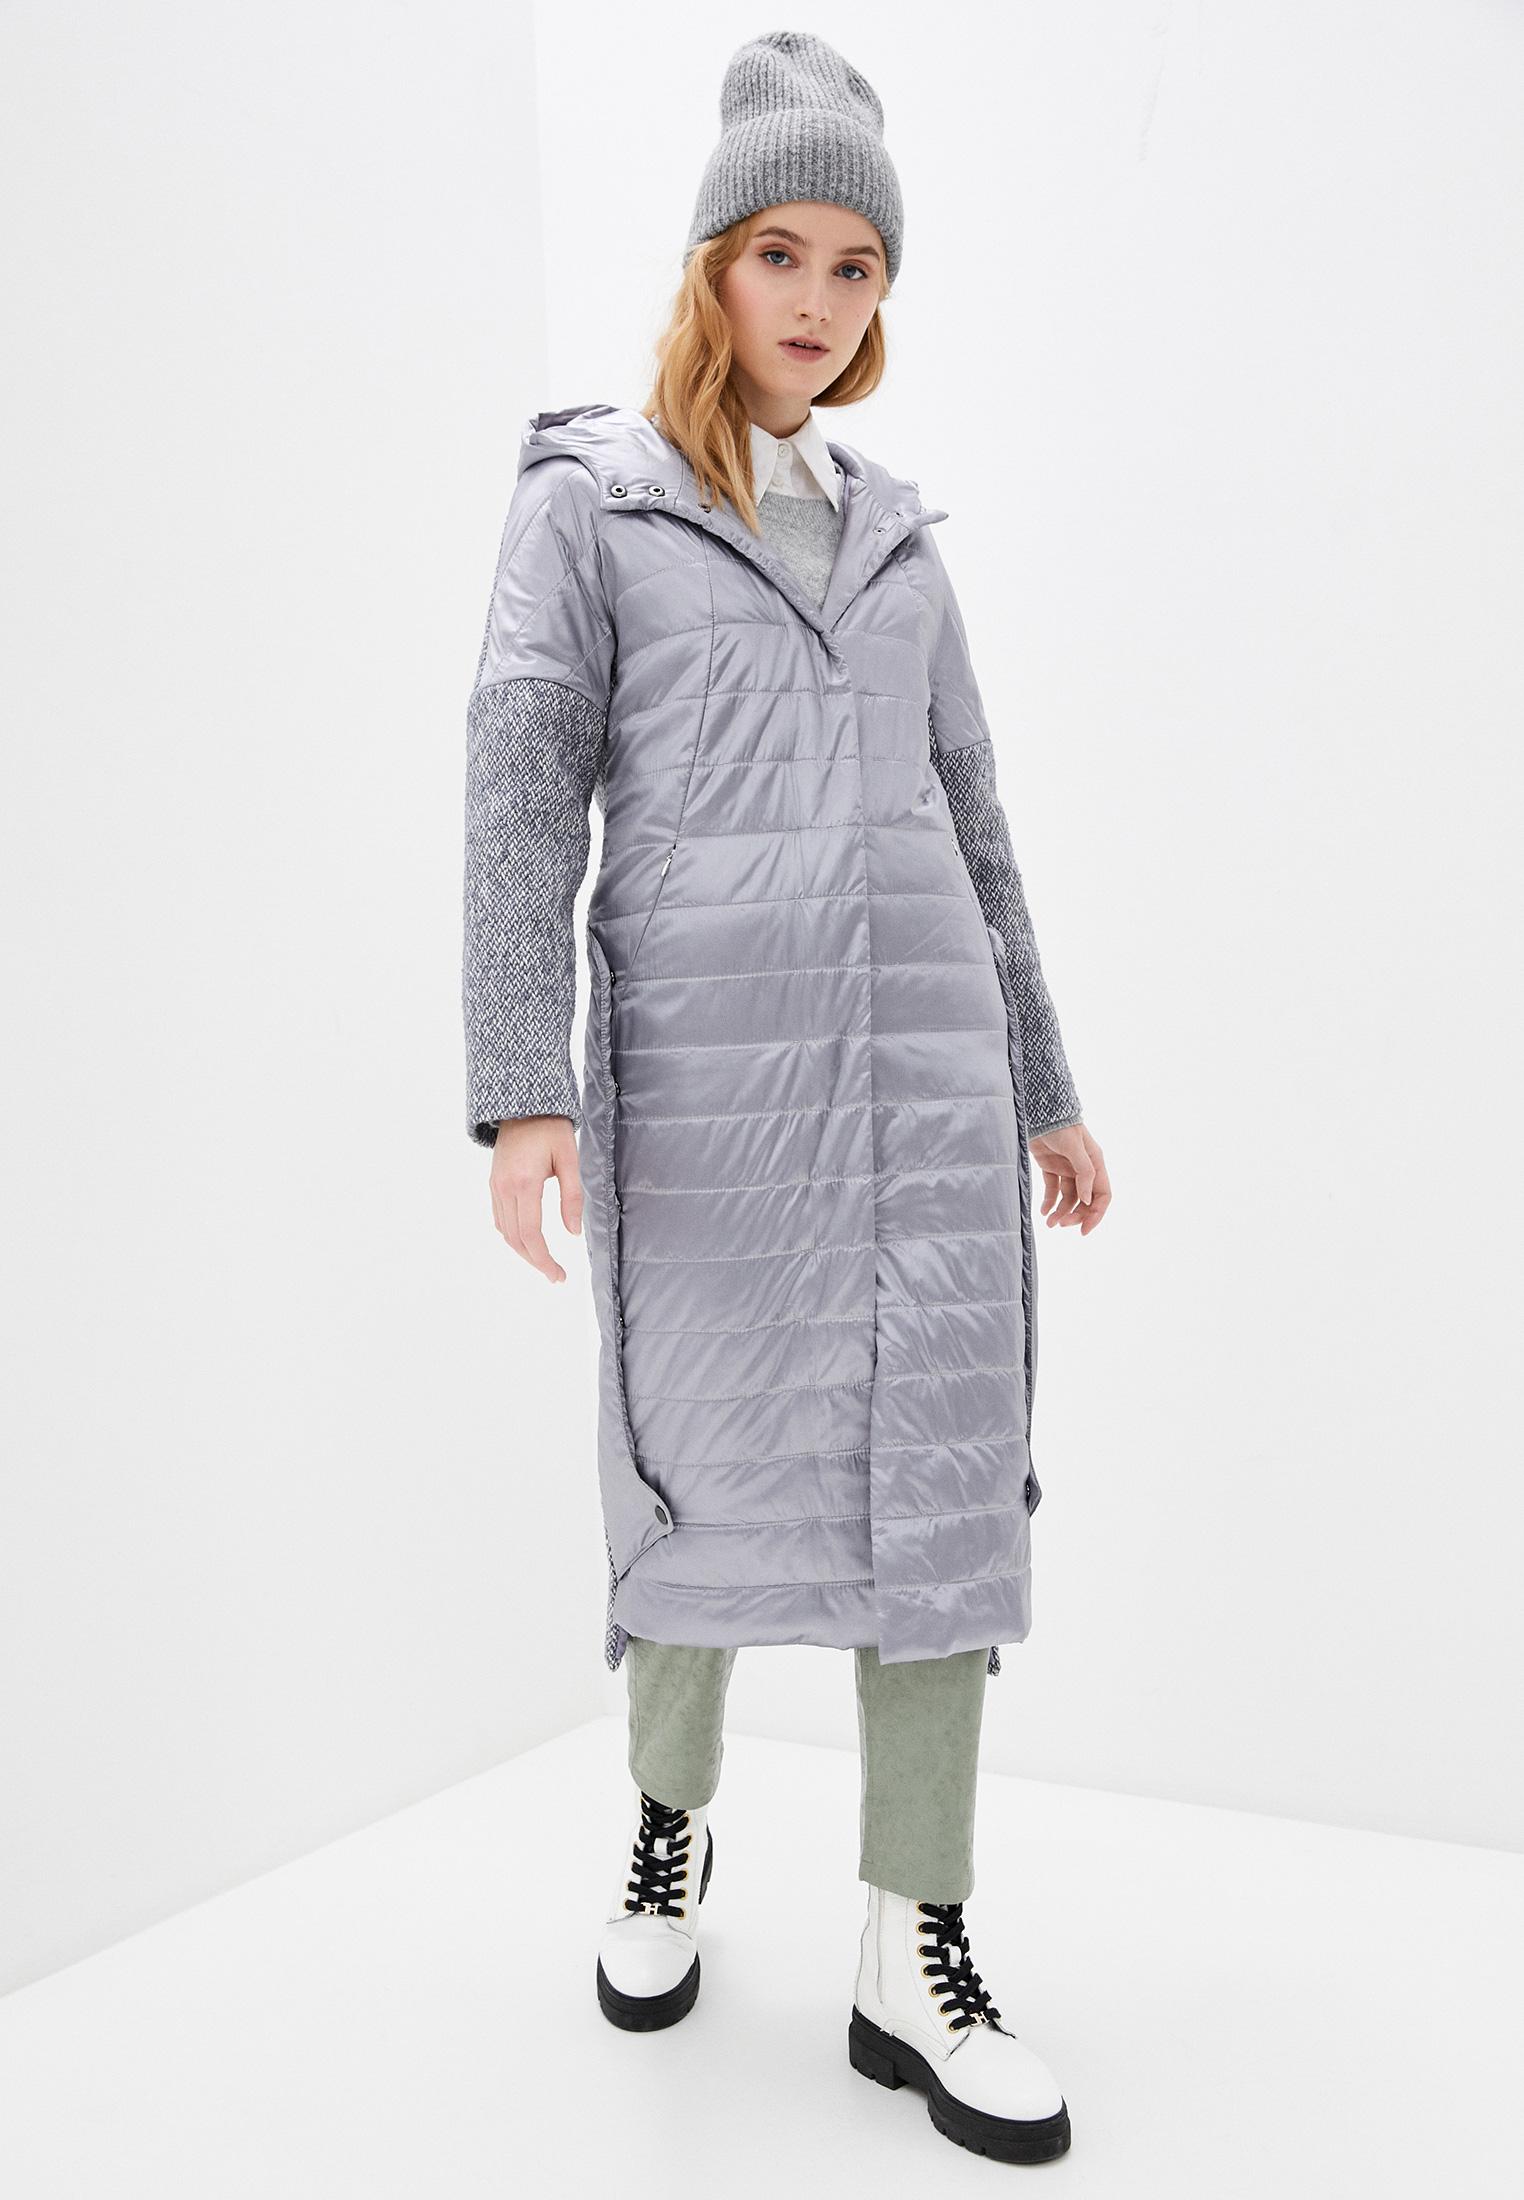 Утепленная куртка Nataliy Beate Пальто мод.132: изображение 7